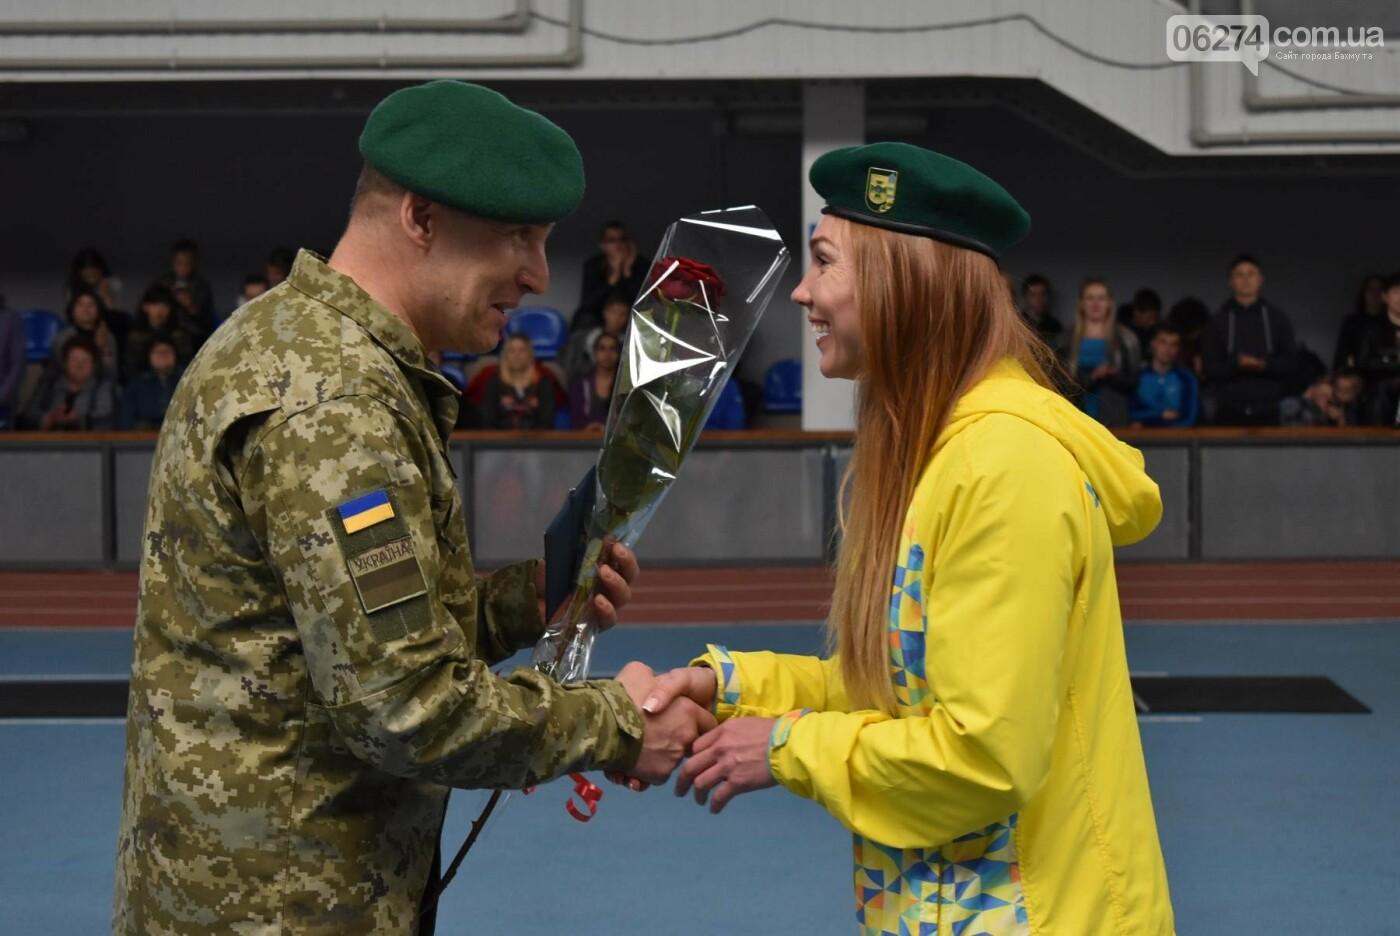 В Бахмуте презентовали спортсменов-олимпийцев Государственной пограничной службы Украины, фото-9